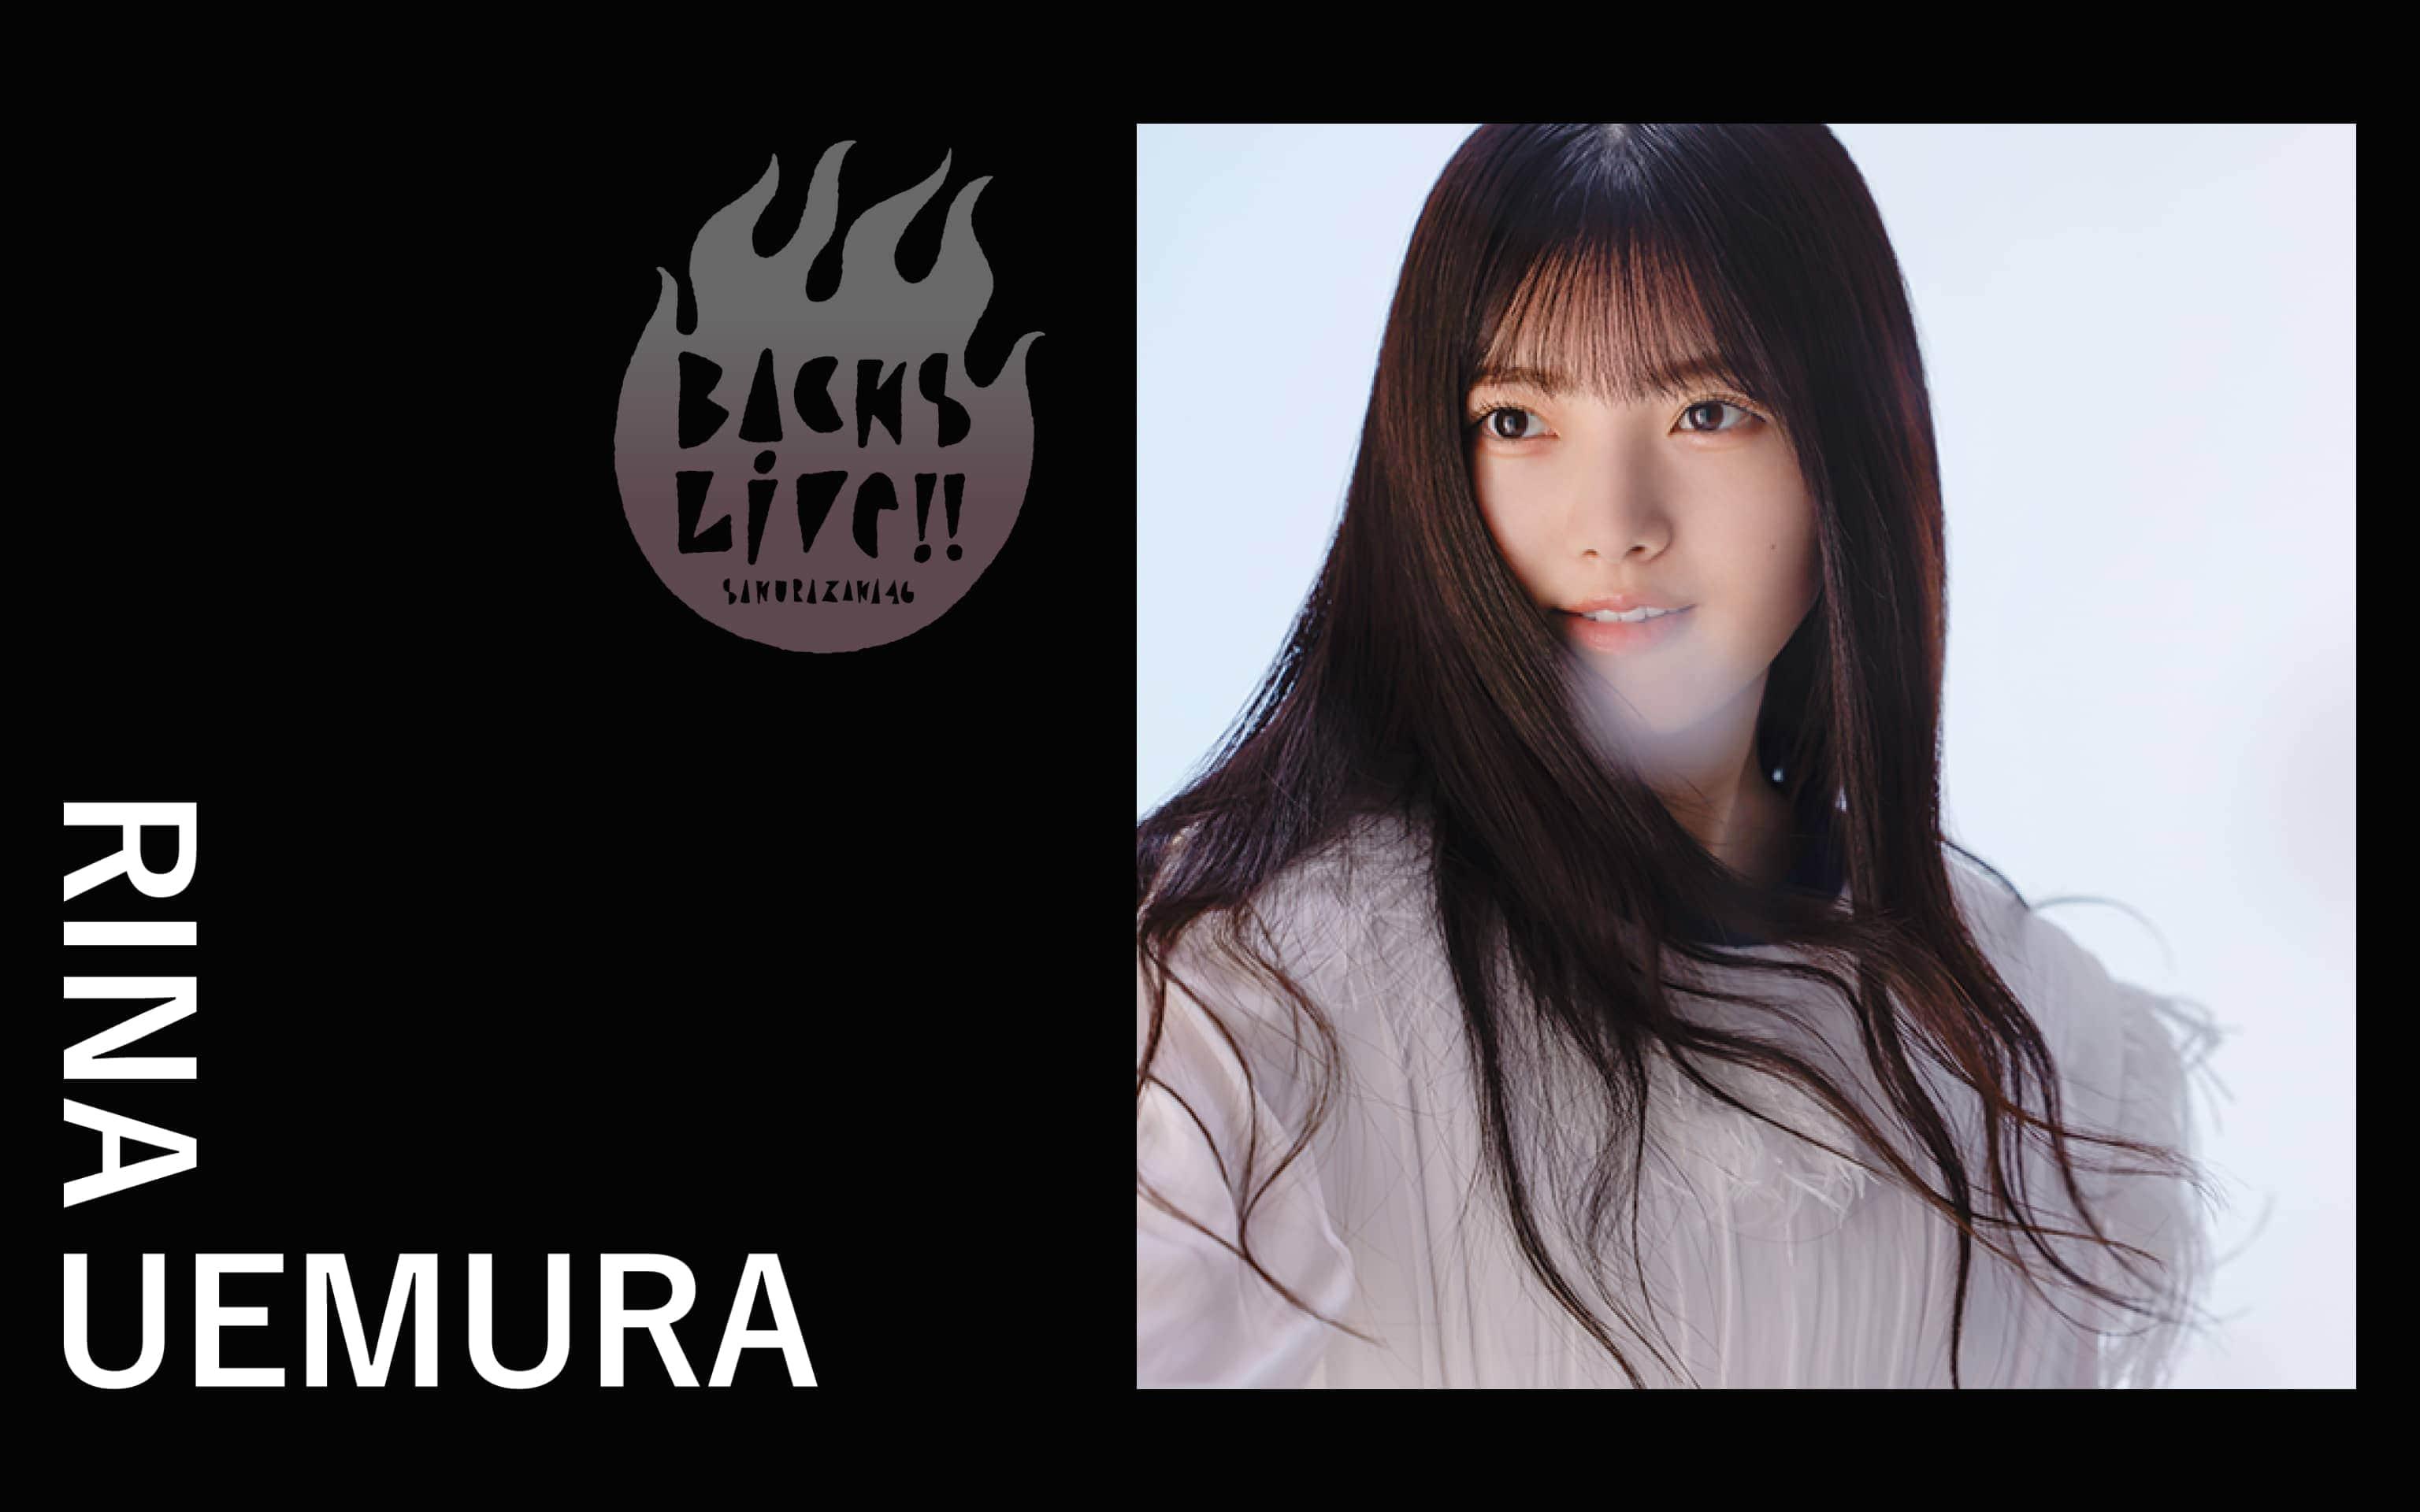 uemura-image